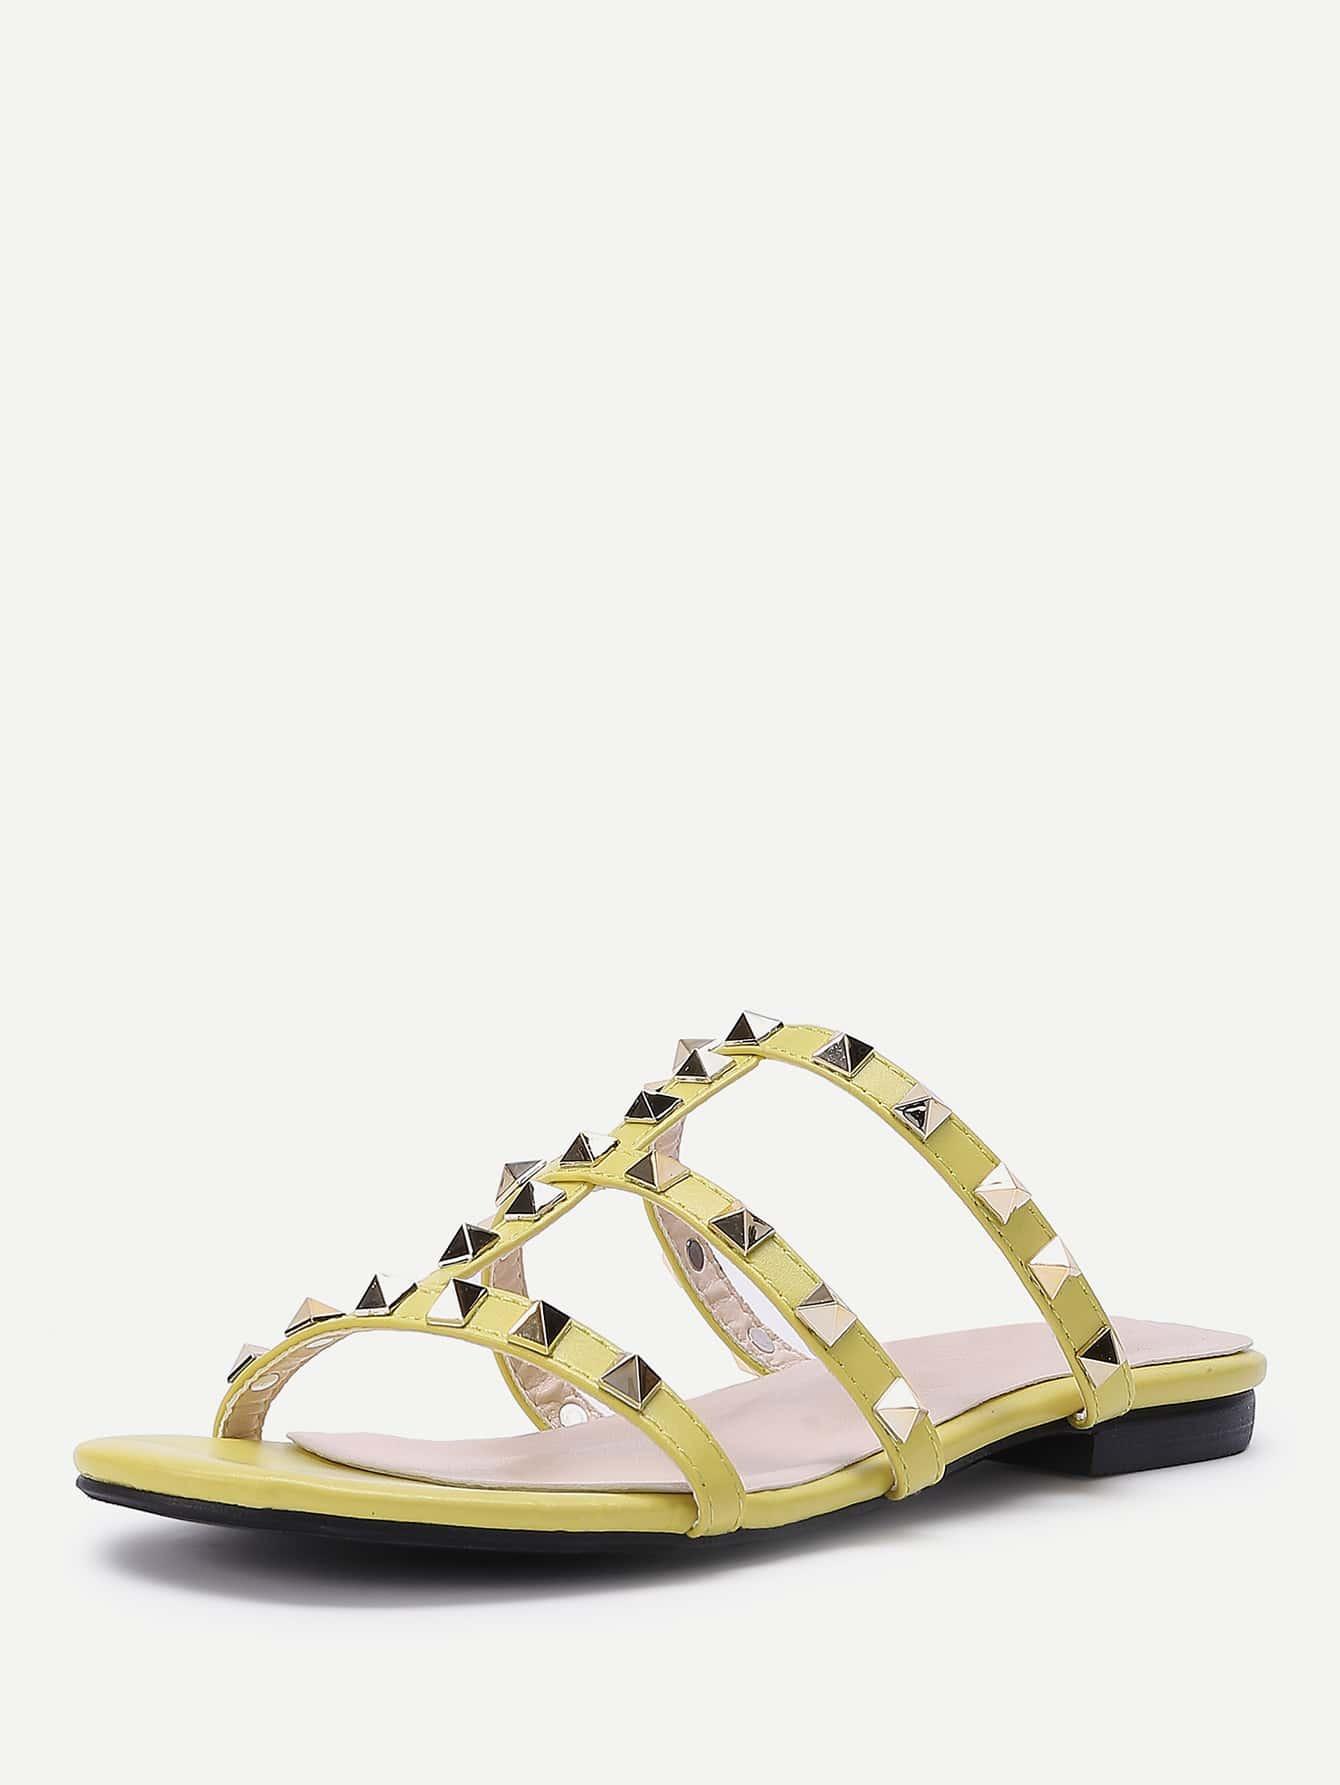 shoes170412808_2